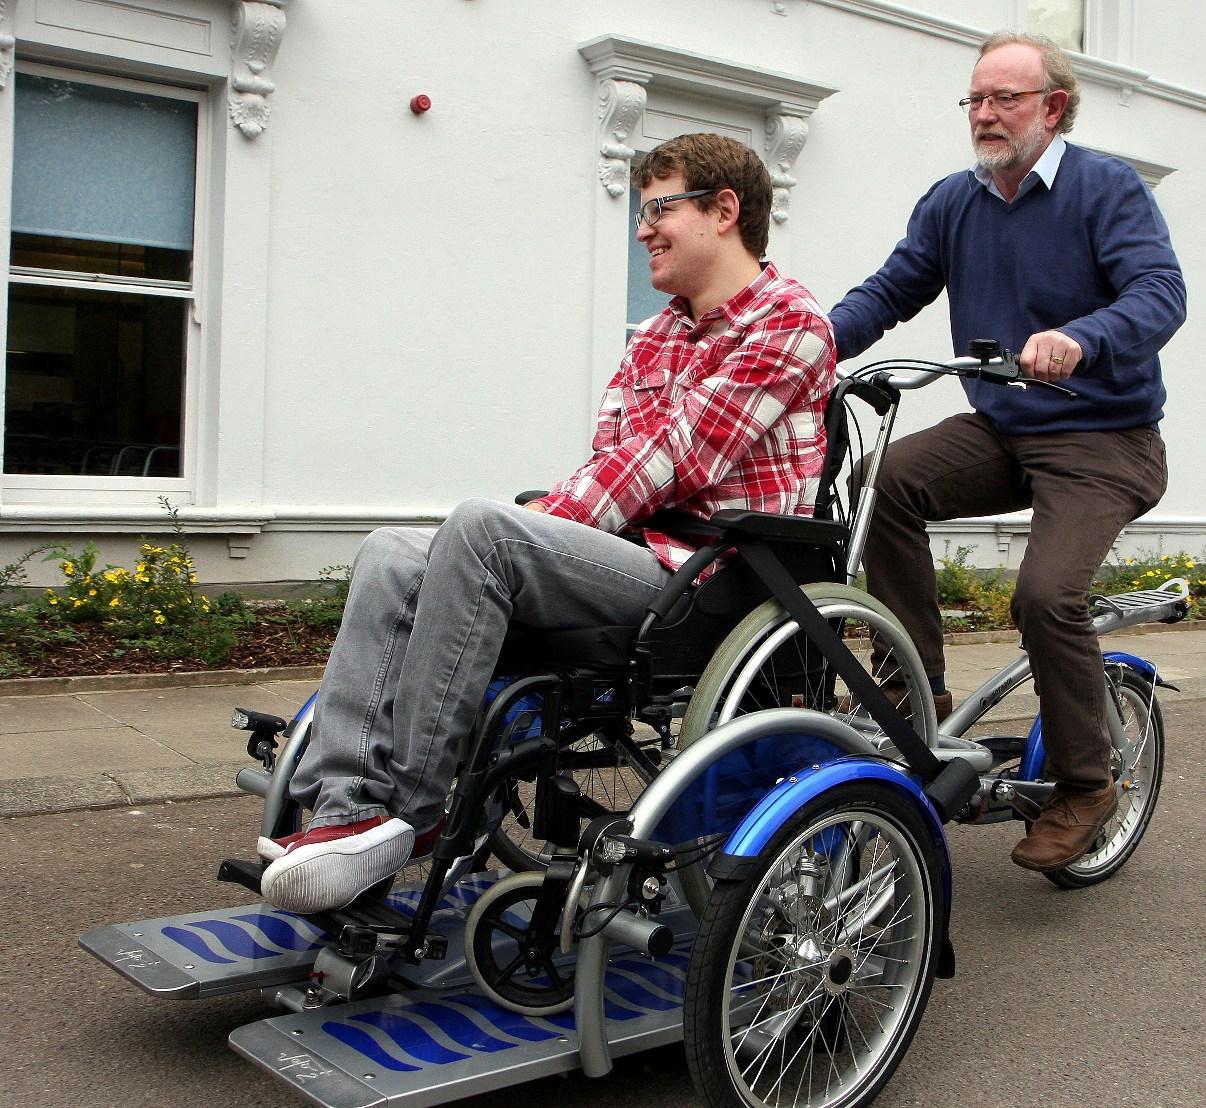 Новый закон о инвалидности 1,2,3 группы в 2019 году: новый список заболеваний при которых дают инвалидность на бессрочной основе, могут ли снять бессрочную группу